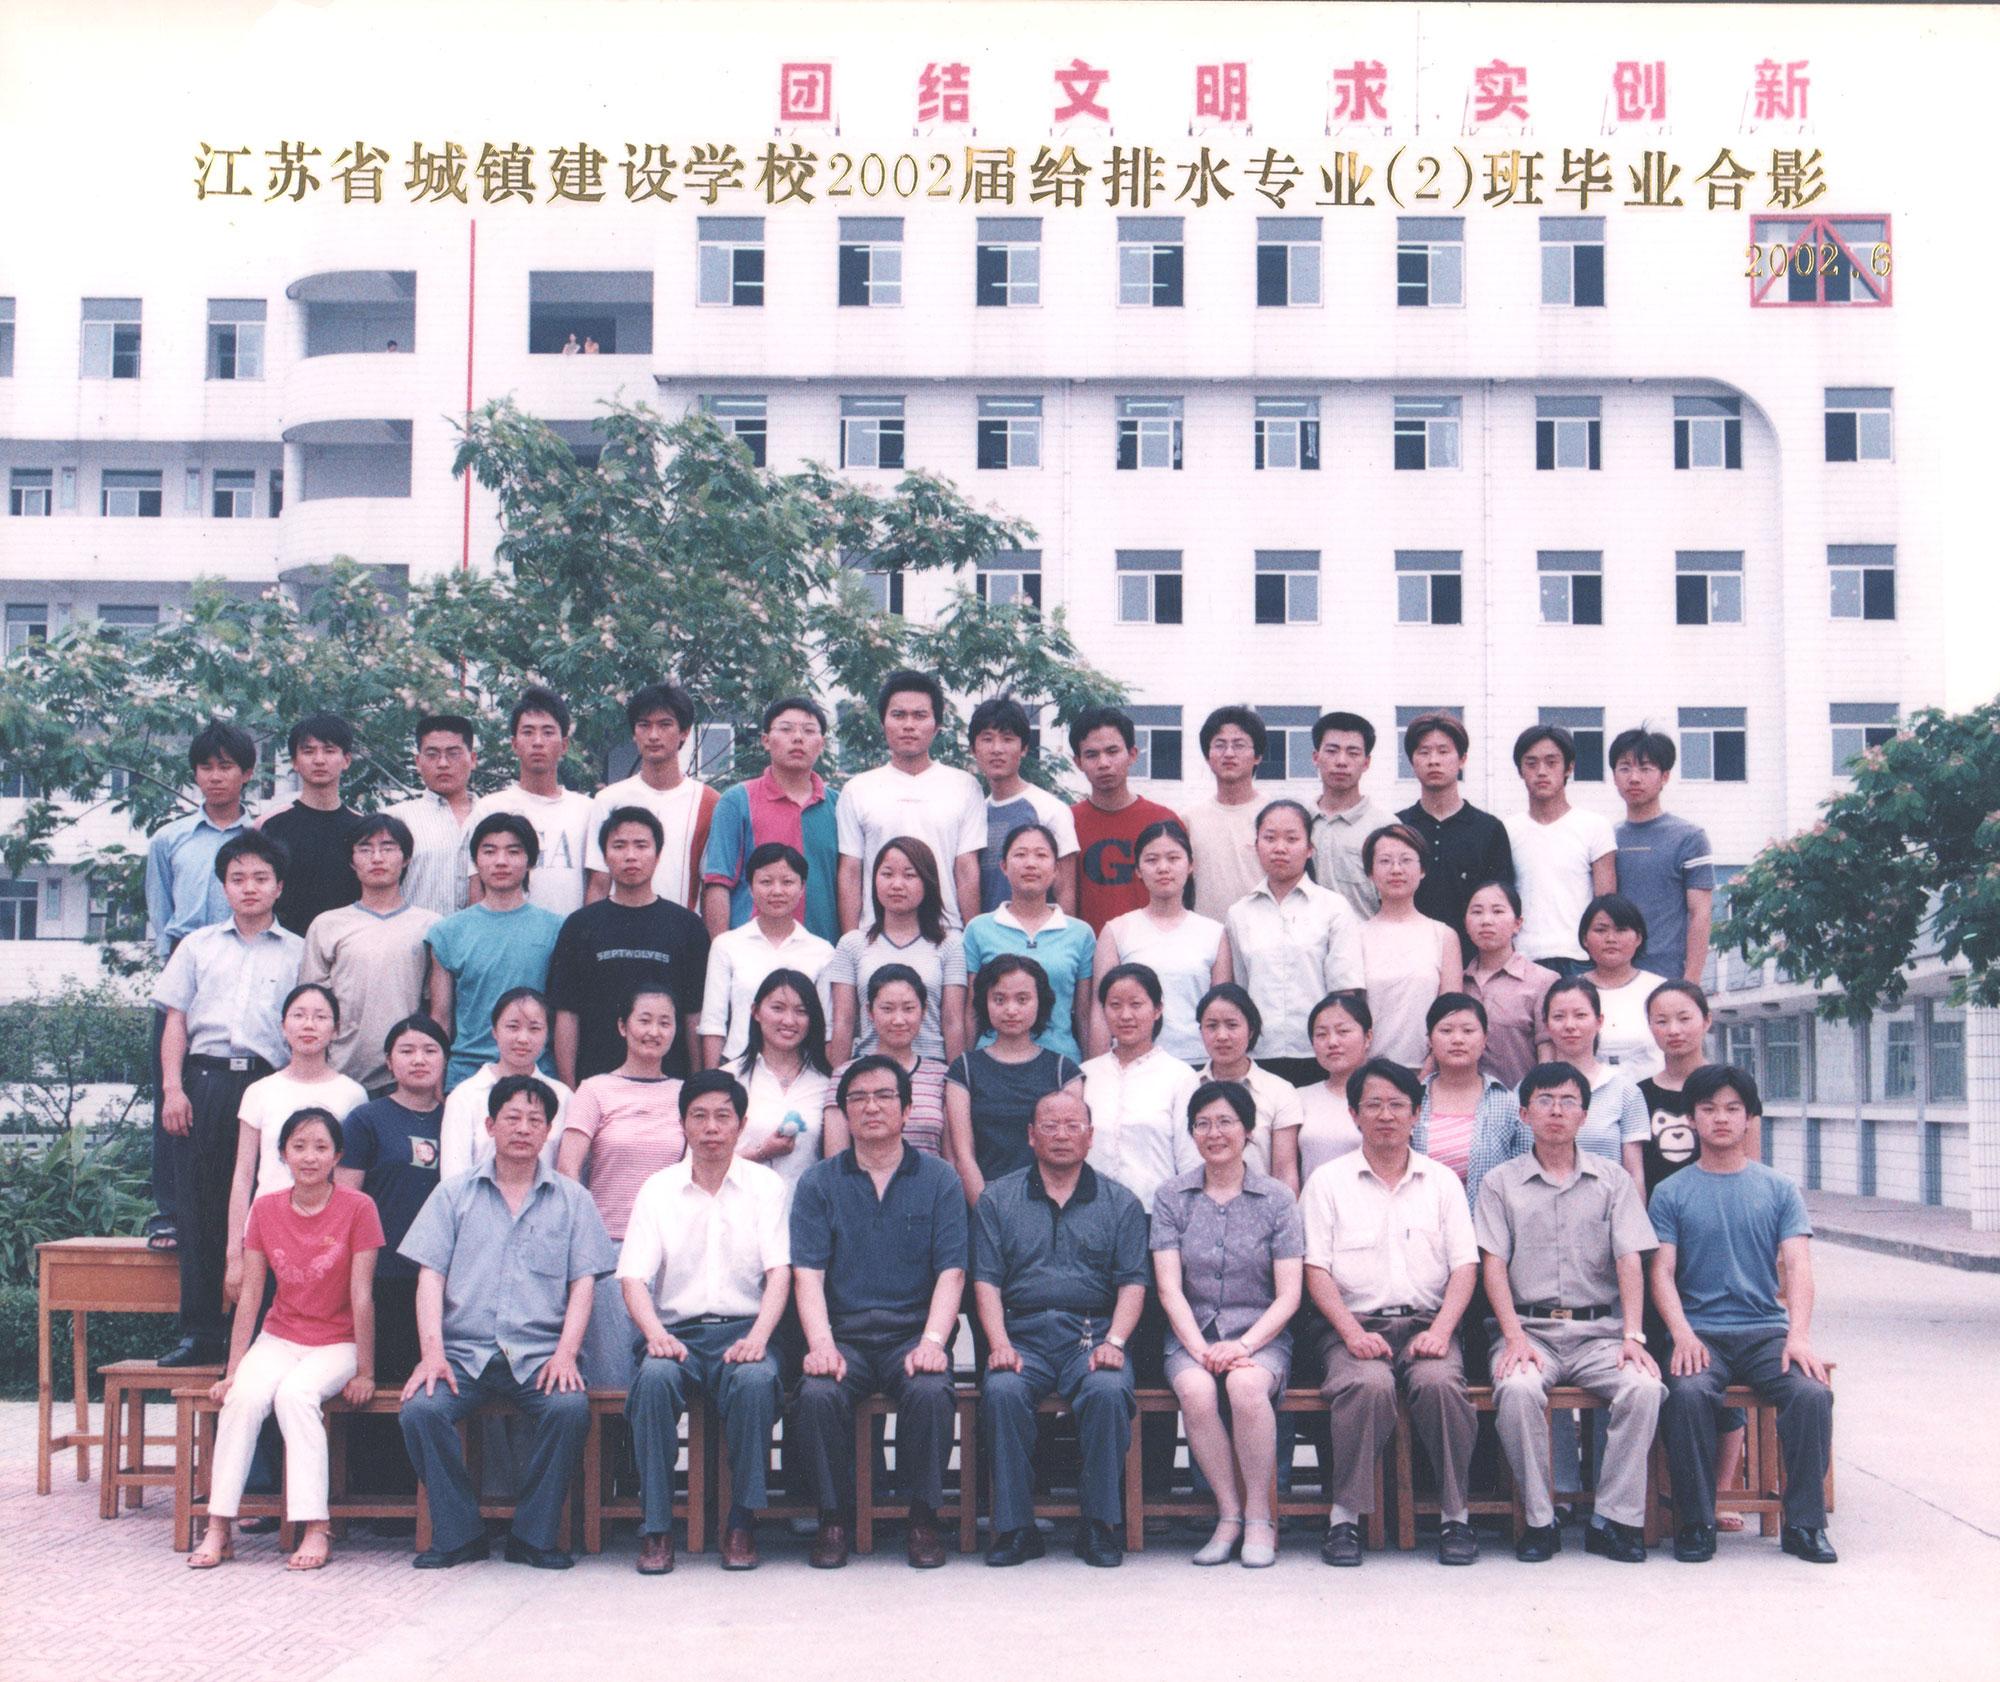 2002届给排水专业(2)班毕业合影